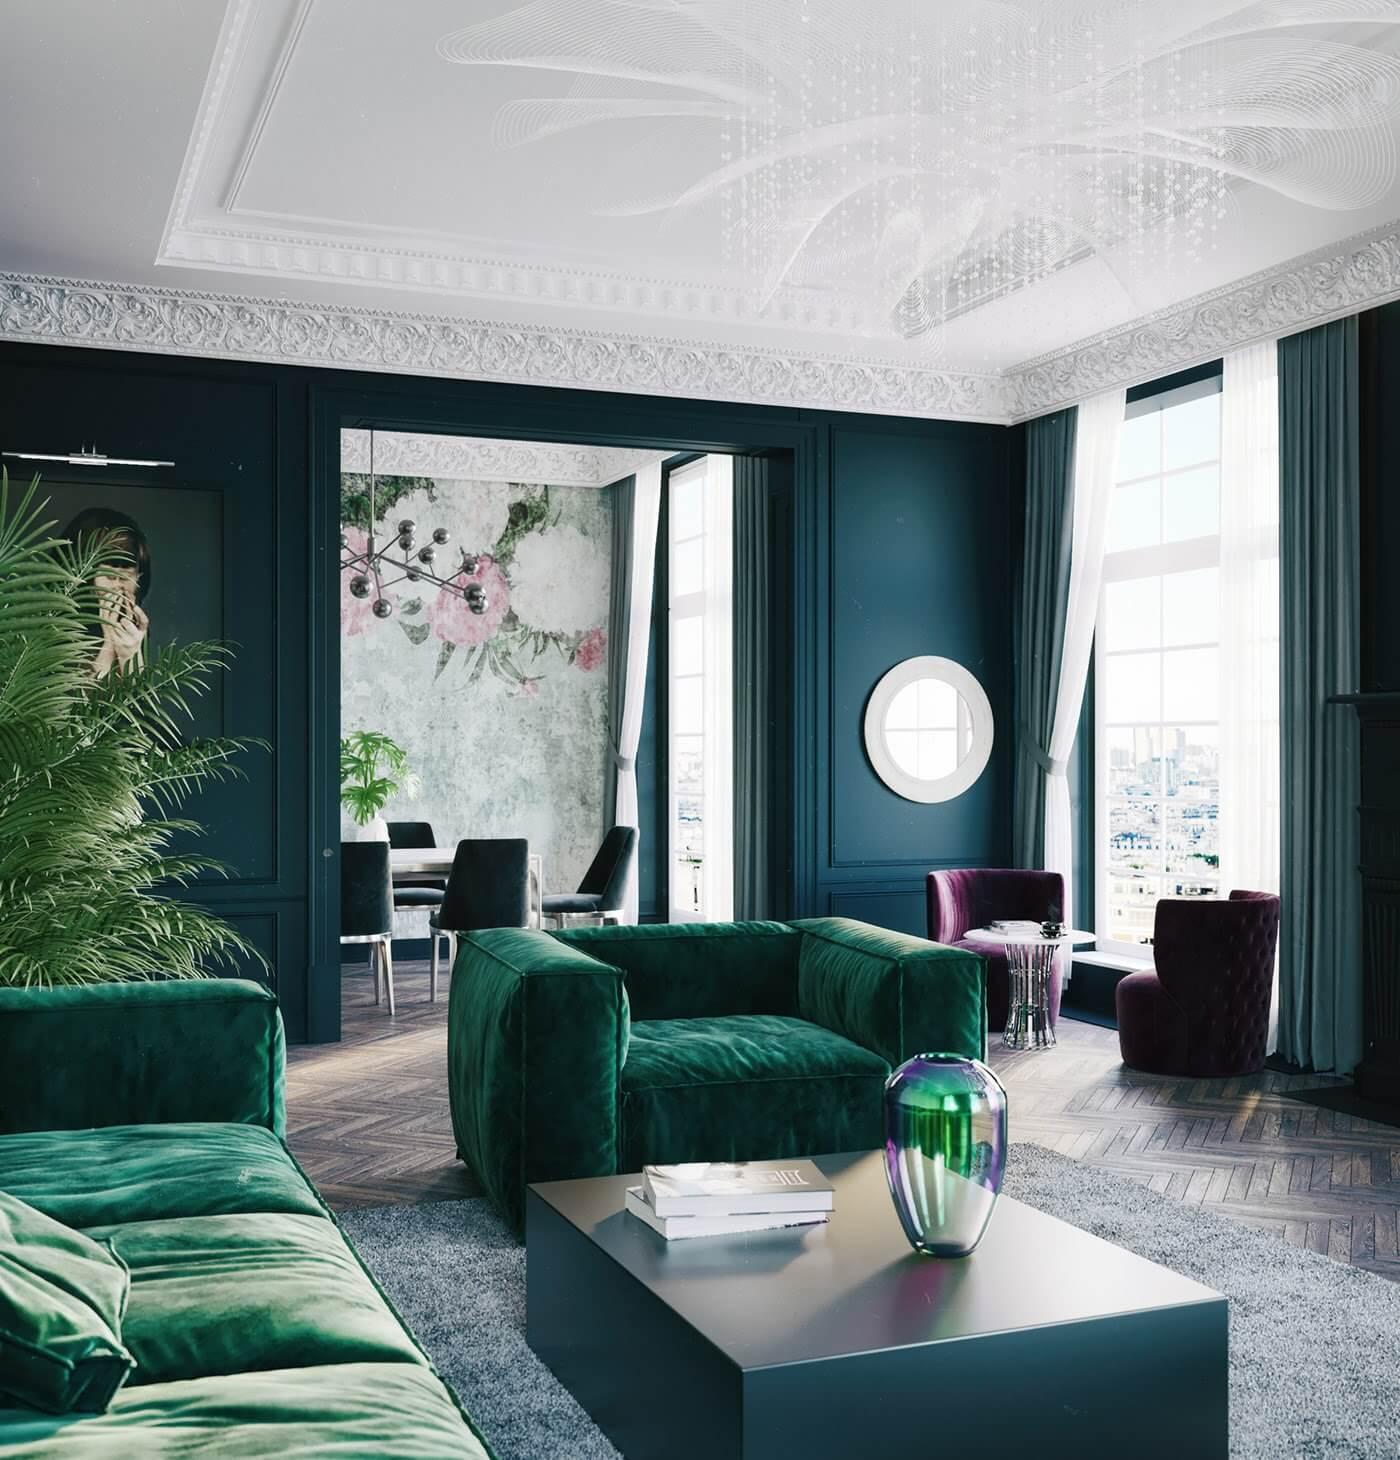 Maison Noire Apartment Paris living room lounge area - cgi visualization